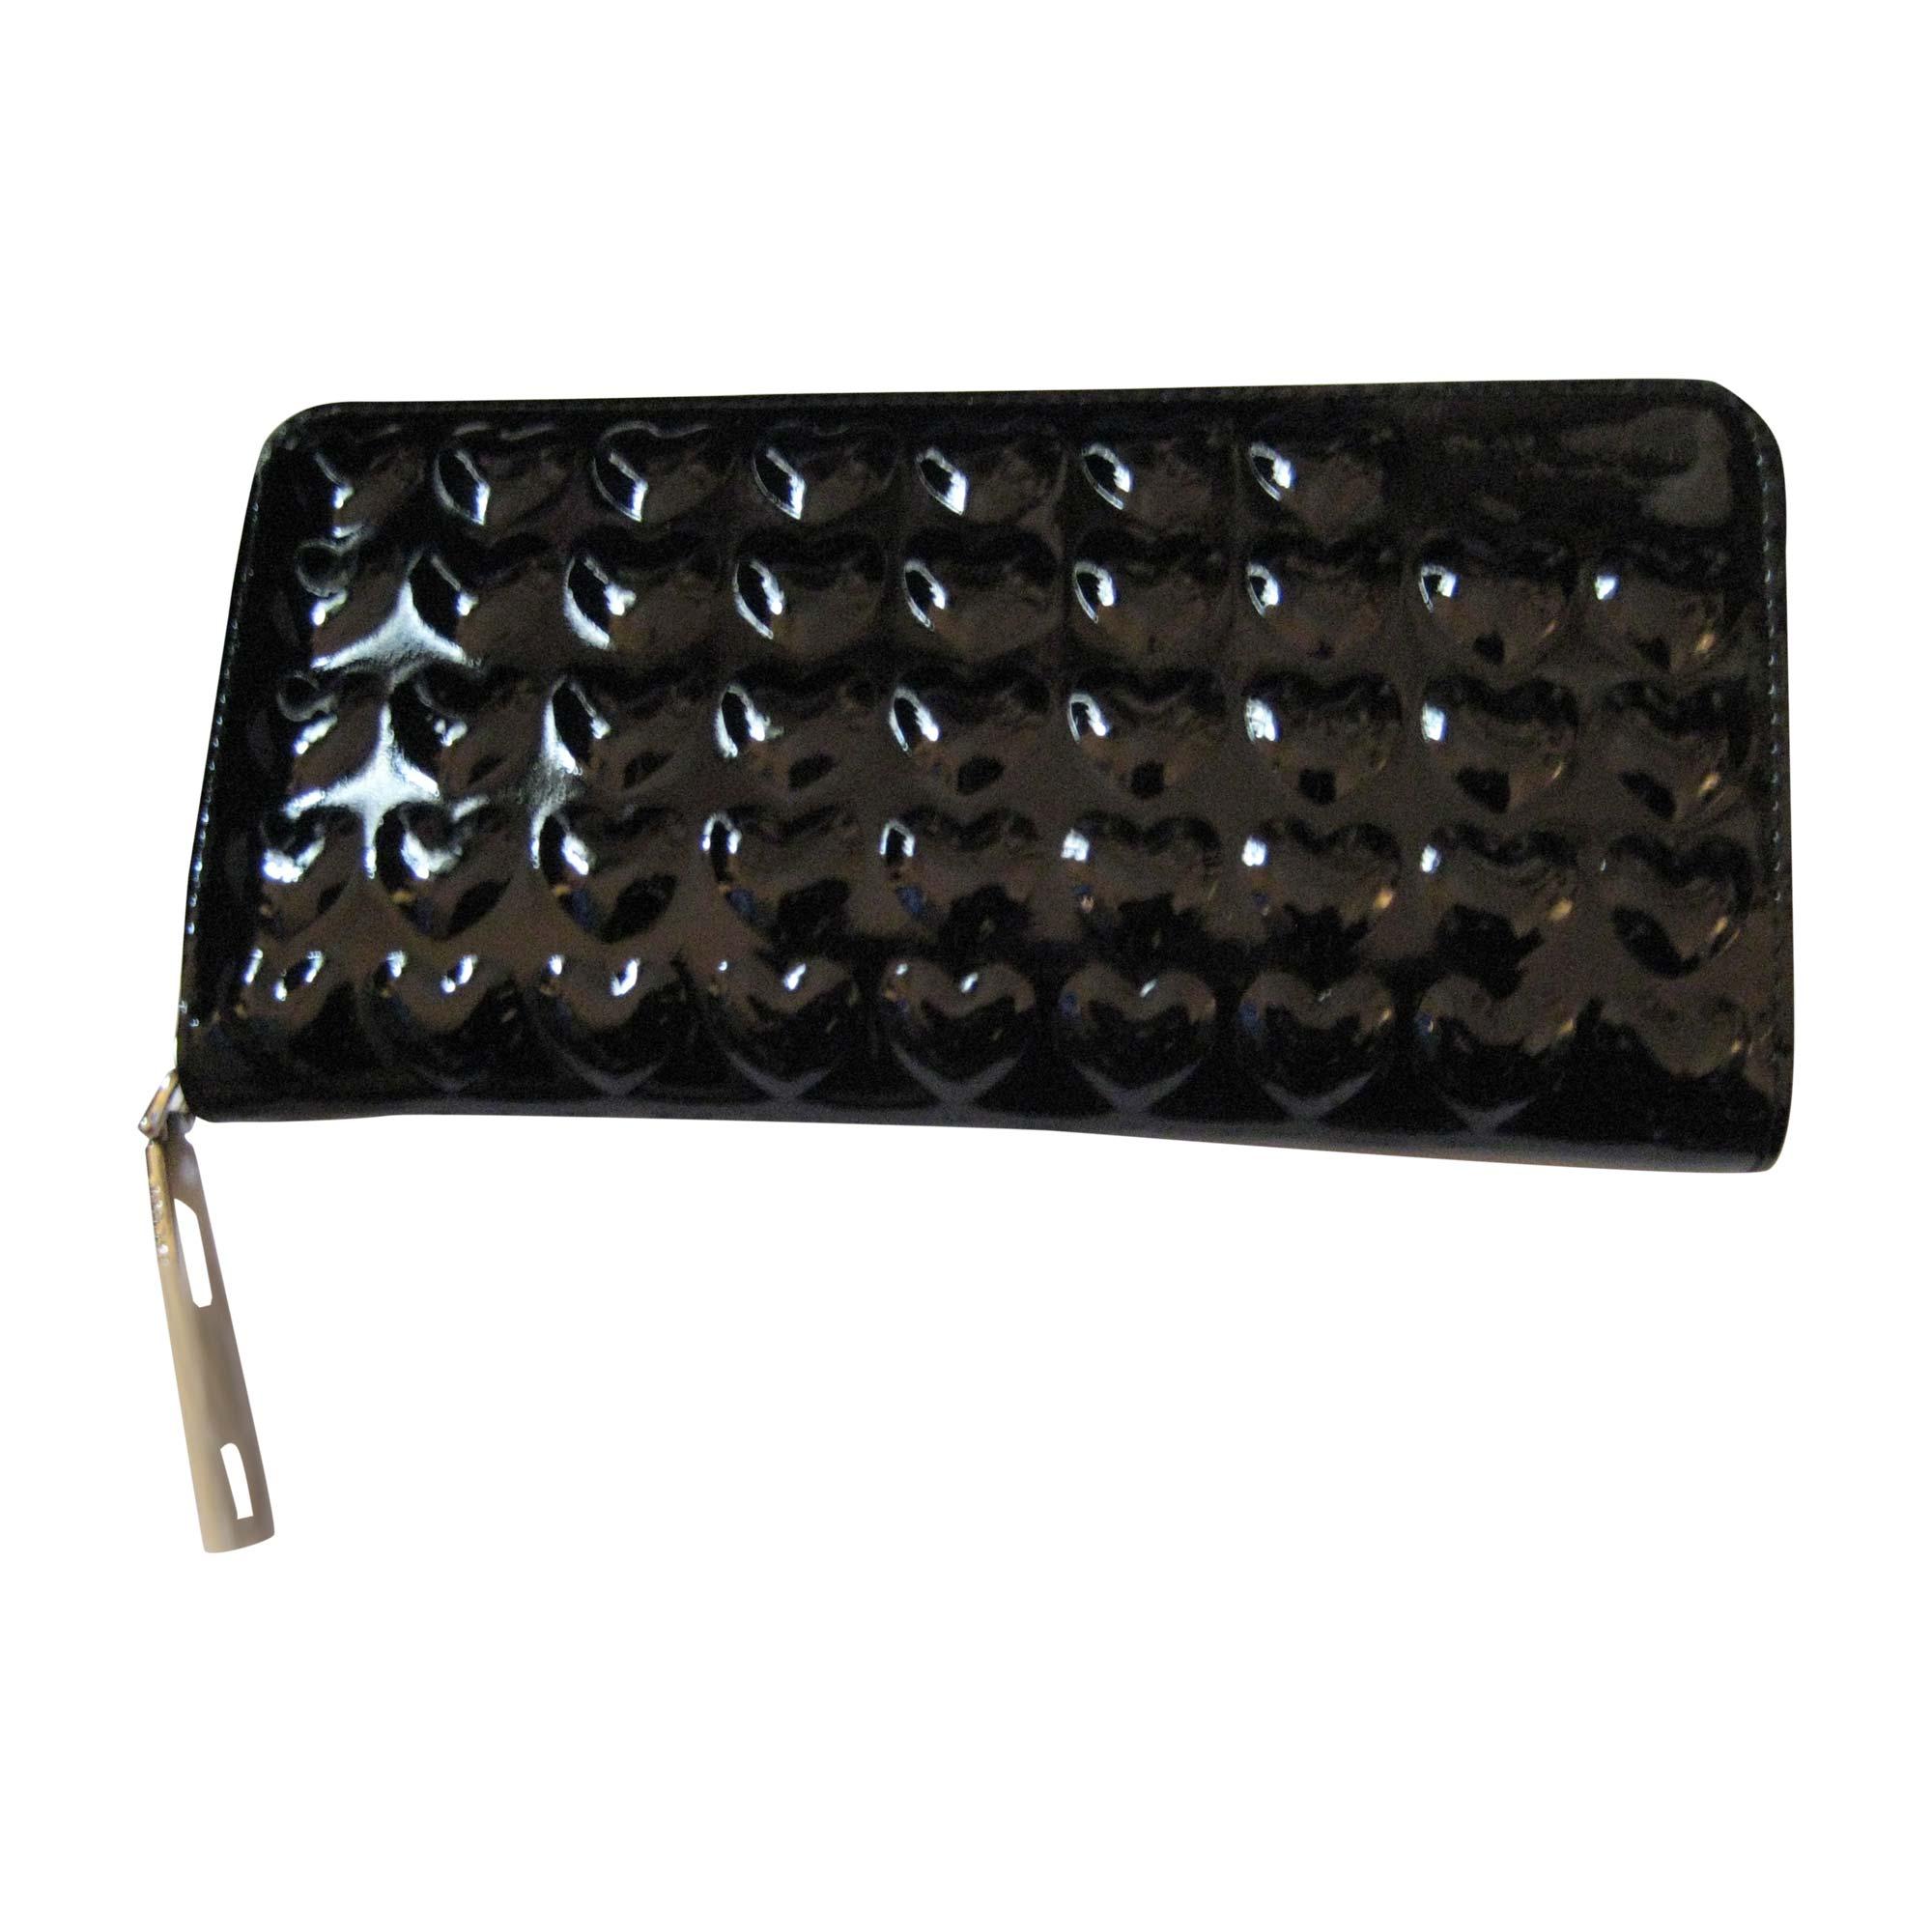 geldbeutel marc jacobs schwarz vendu par ffrance08 6208222. Black Bedroom Furniture Sets. Home Design Ideas